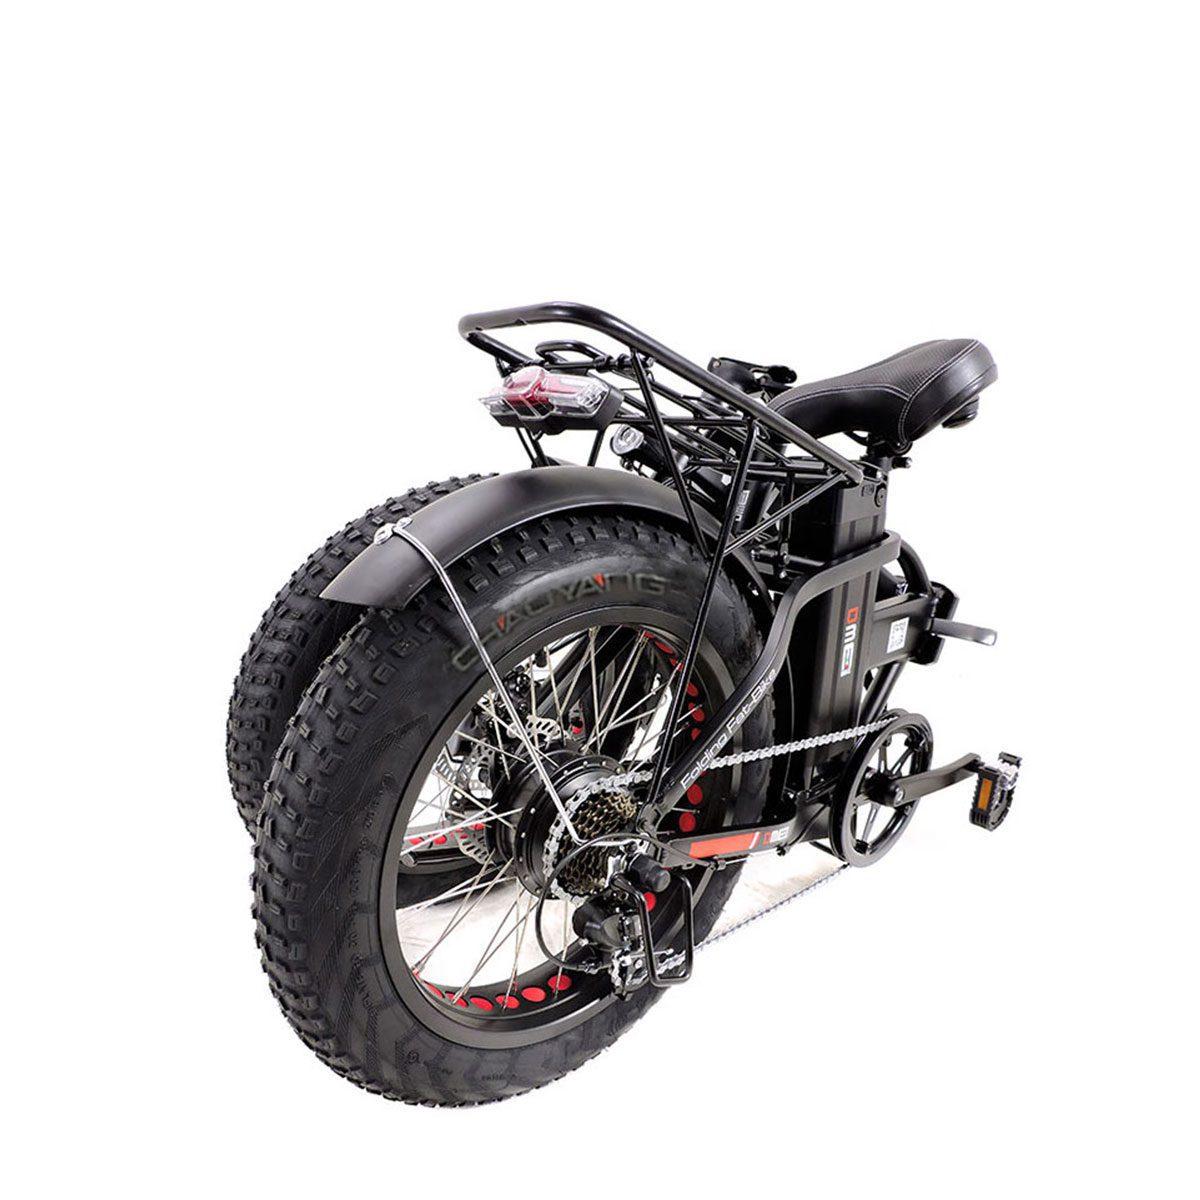 Bici Elettrica Fat Bike Vulcano V281 250w 36v Dme Elettrica Bikeit